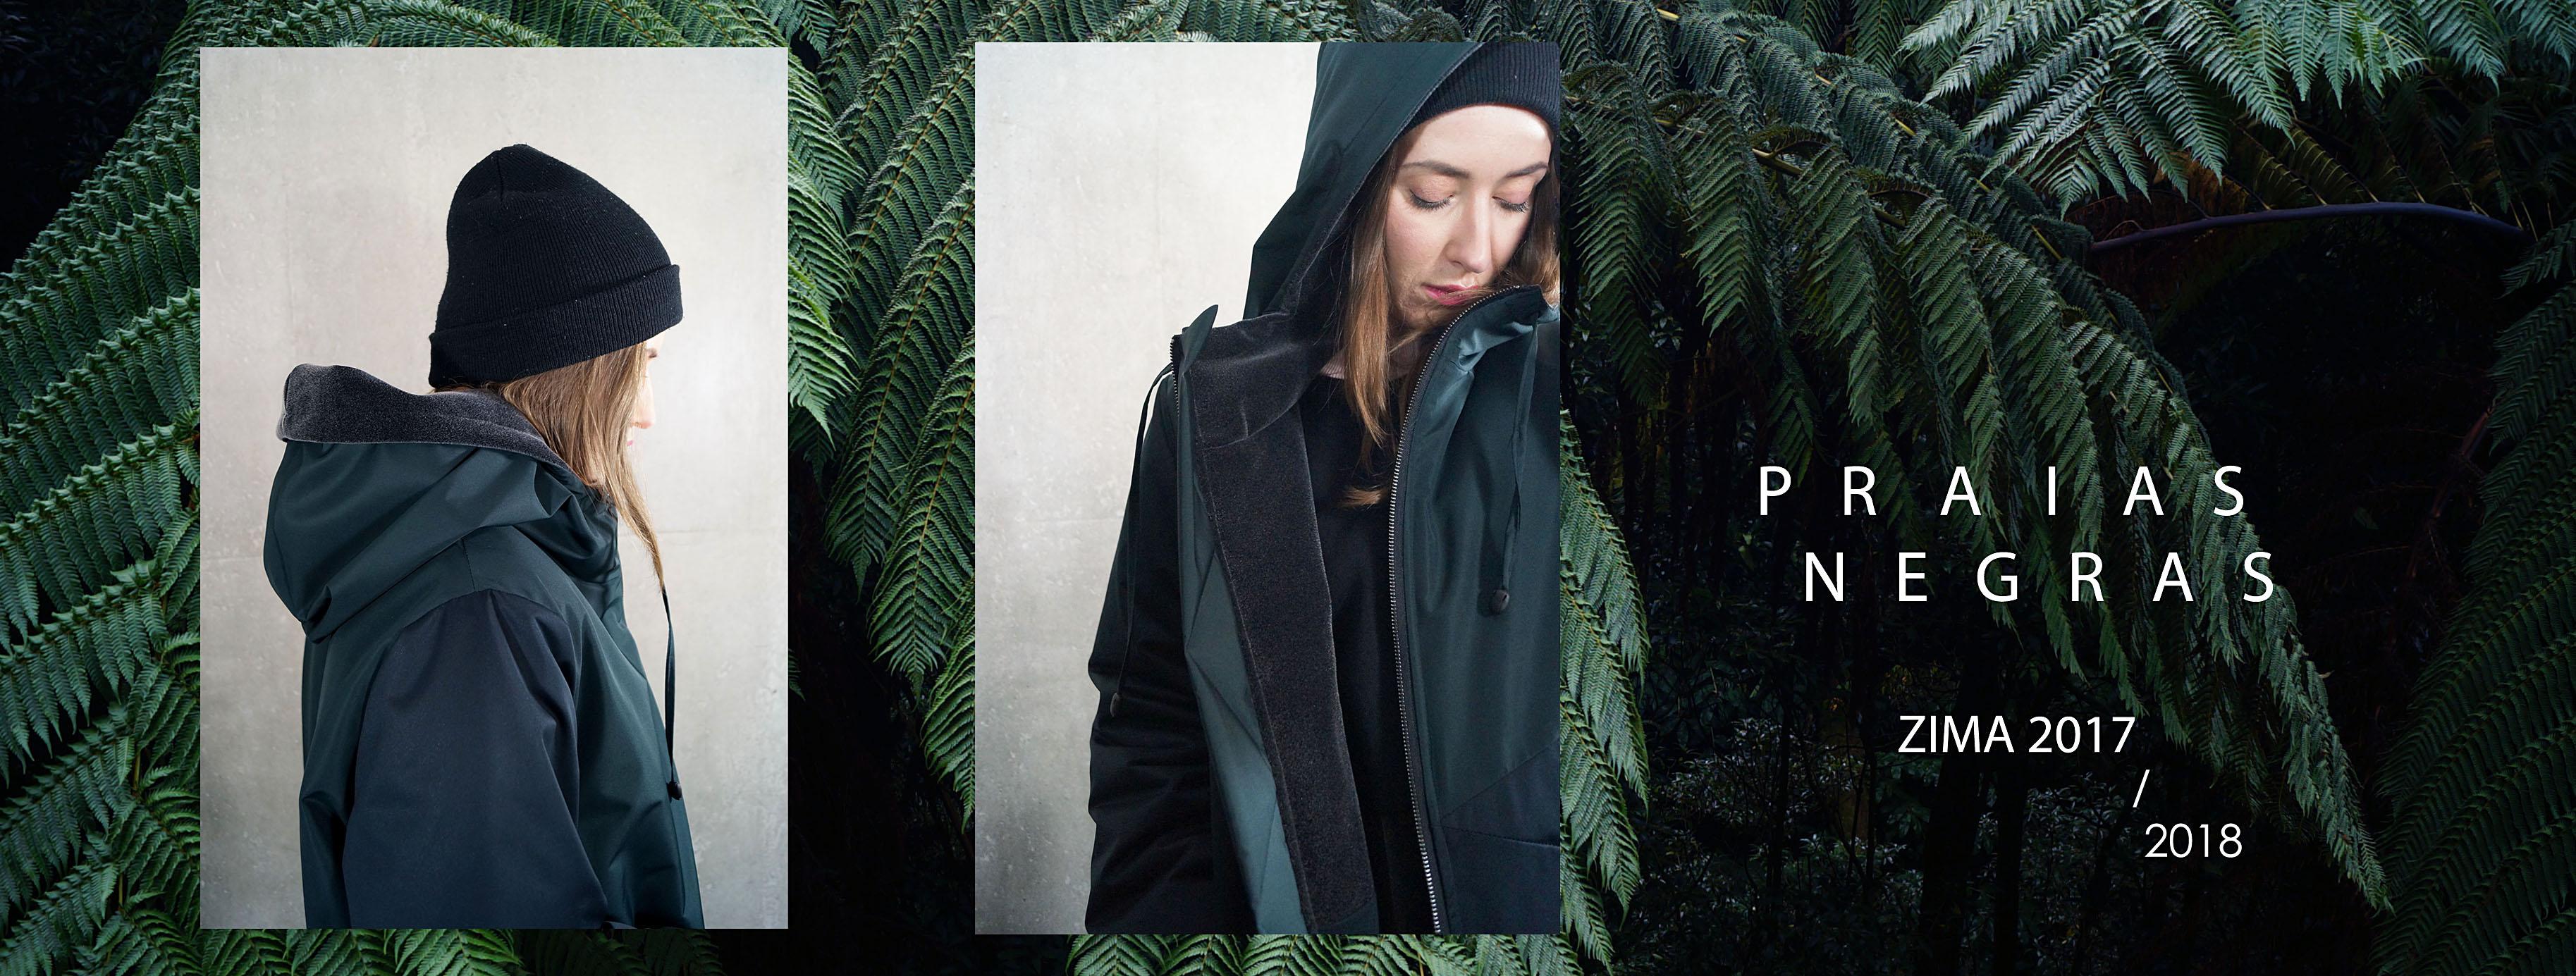 PRAIAS NEGRAS. Damska stylowa ciepła zimowa kurtka z kapturem. Kolory ciemna zieleń i czarny. Handmade.